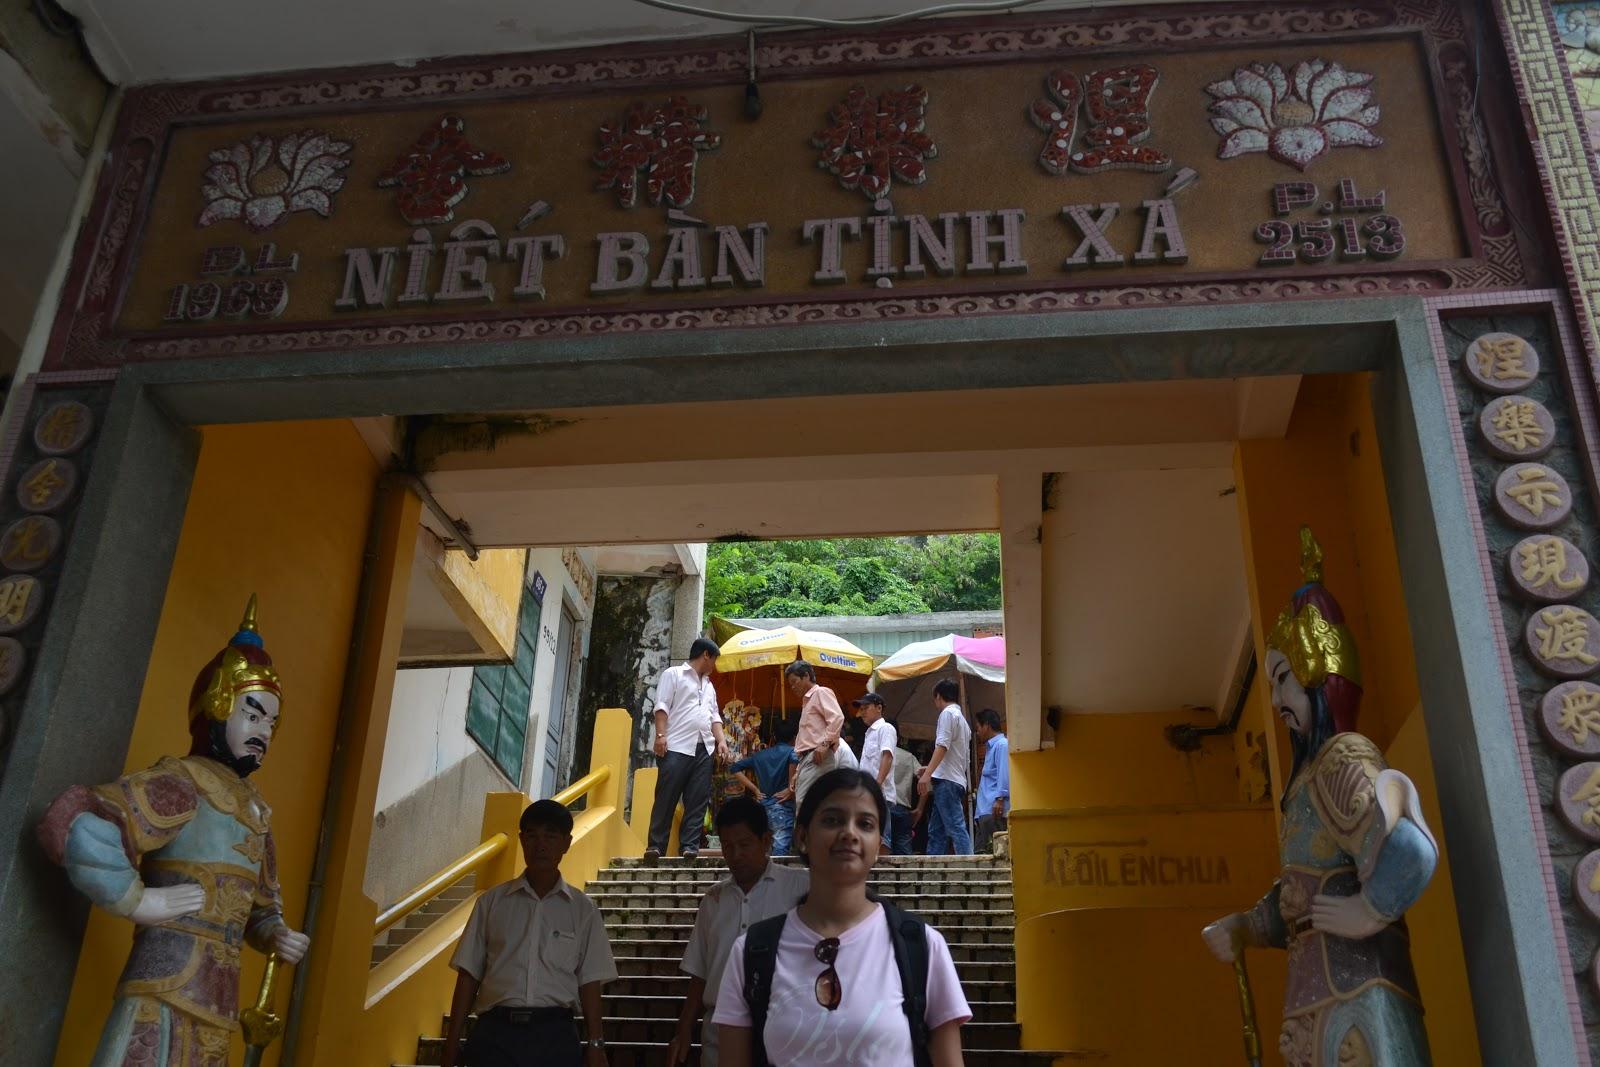 Niet ban tinh pagoda, Vung tau